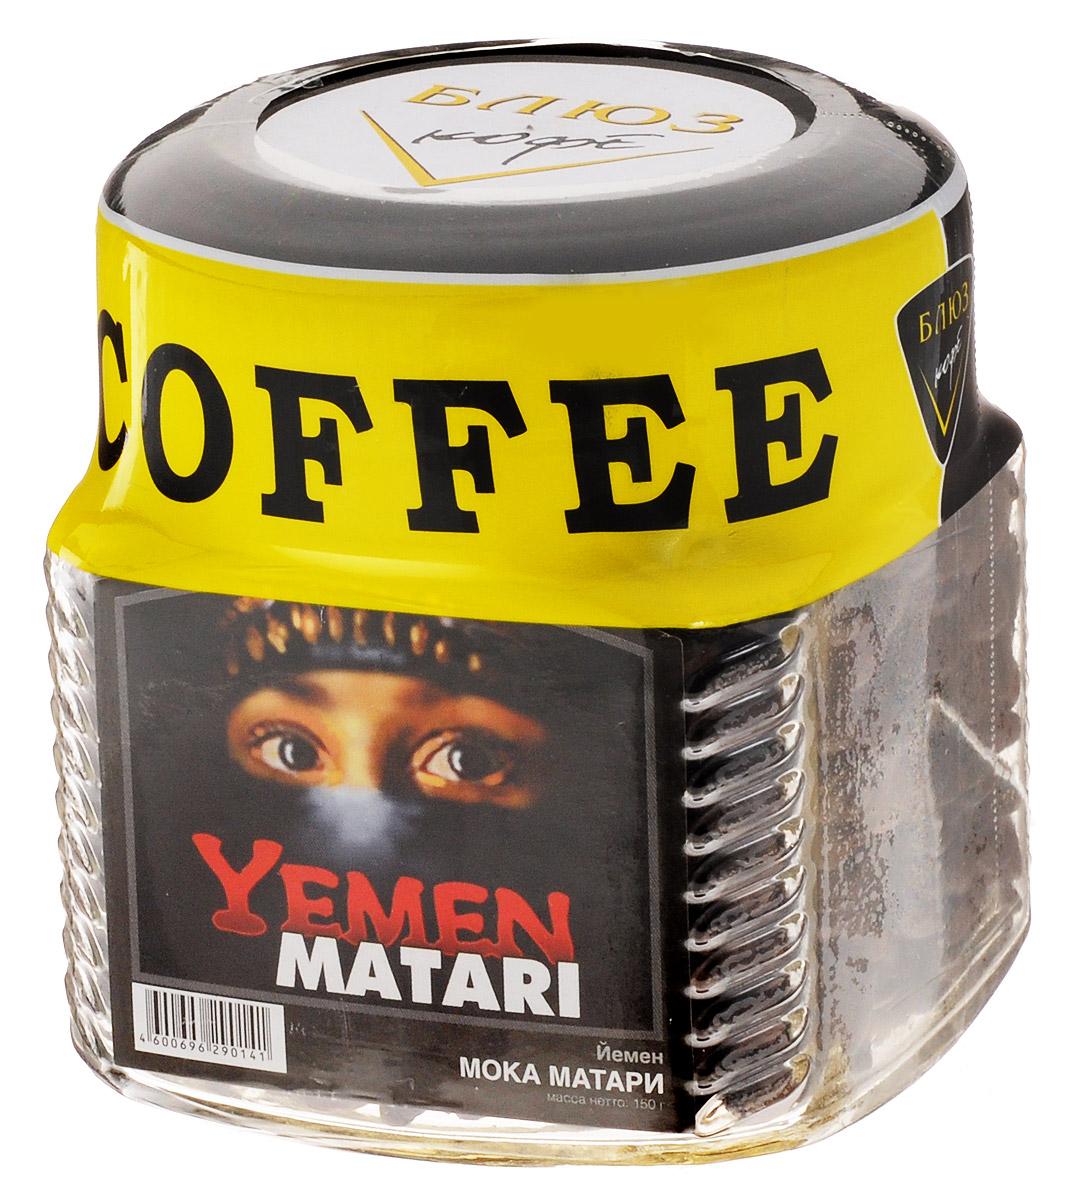 Блюз Йемен Мока Матари кофе в зернах, 150 г4600696490022Кофе лордов со второй родины кофе - из Йемена, откуда этот замечательный сорт был первым среди всех сортов кофе привезён в Европу в 16 веке. Для Матари характерна неровная форма зёрен.Лучший из йеменских сортов кофе, собираемый в северной части Йемена в районе Матари вблизи города Сана на высоте 1000-2000 метров. Это первый сорт кофе, завезенный в Россию. Именно его пили российские и европейские монархи. Отсюда происходит и его второе название - Кофе Лордов. Вкус насыщенный, острый с шоколадным привкусом, аромат - тонкий, винно-фруктовый, с дымными оттенками. Уникальная, чуть заметная кислинка придает напитку мягкий и пикантный вкус.Сказочные богатства Йемена всегда основывались на выгодной торговле самым большим богатством древности - кофе, специями и благовониями. И поныне перехватывает дыхание от пряных ароматов йеменских базаров. И хотя караванные пути давно уже занесены песком, перенестись во времена Царя Соломона - так же просто, как выпить чашку крепчайшего Йеменского кофе, (название популярного сорта Мока происходит от искаженного европейцами названия (англ. Mocha) крупнейшего центра торговли кофе - порта Аль-Маха).